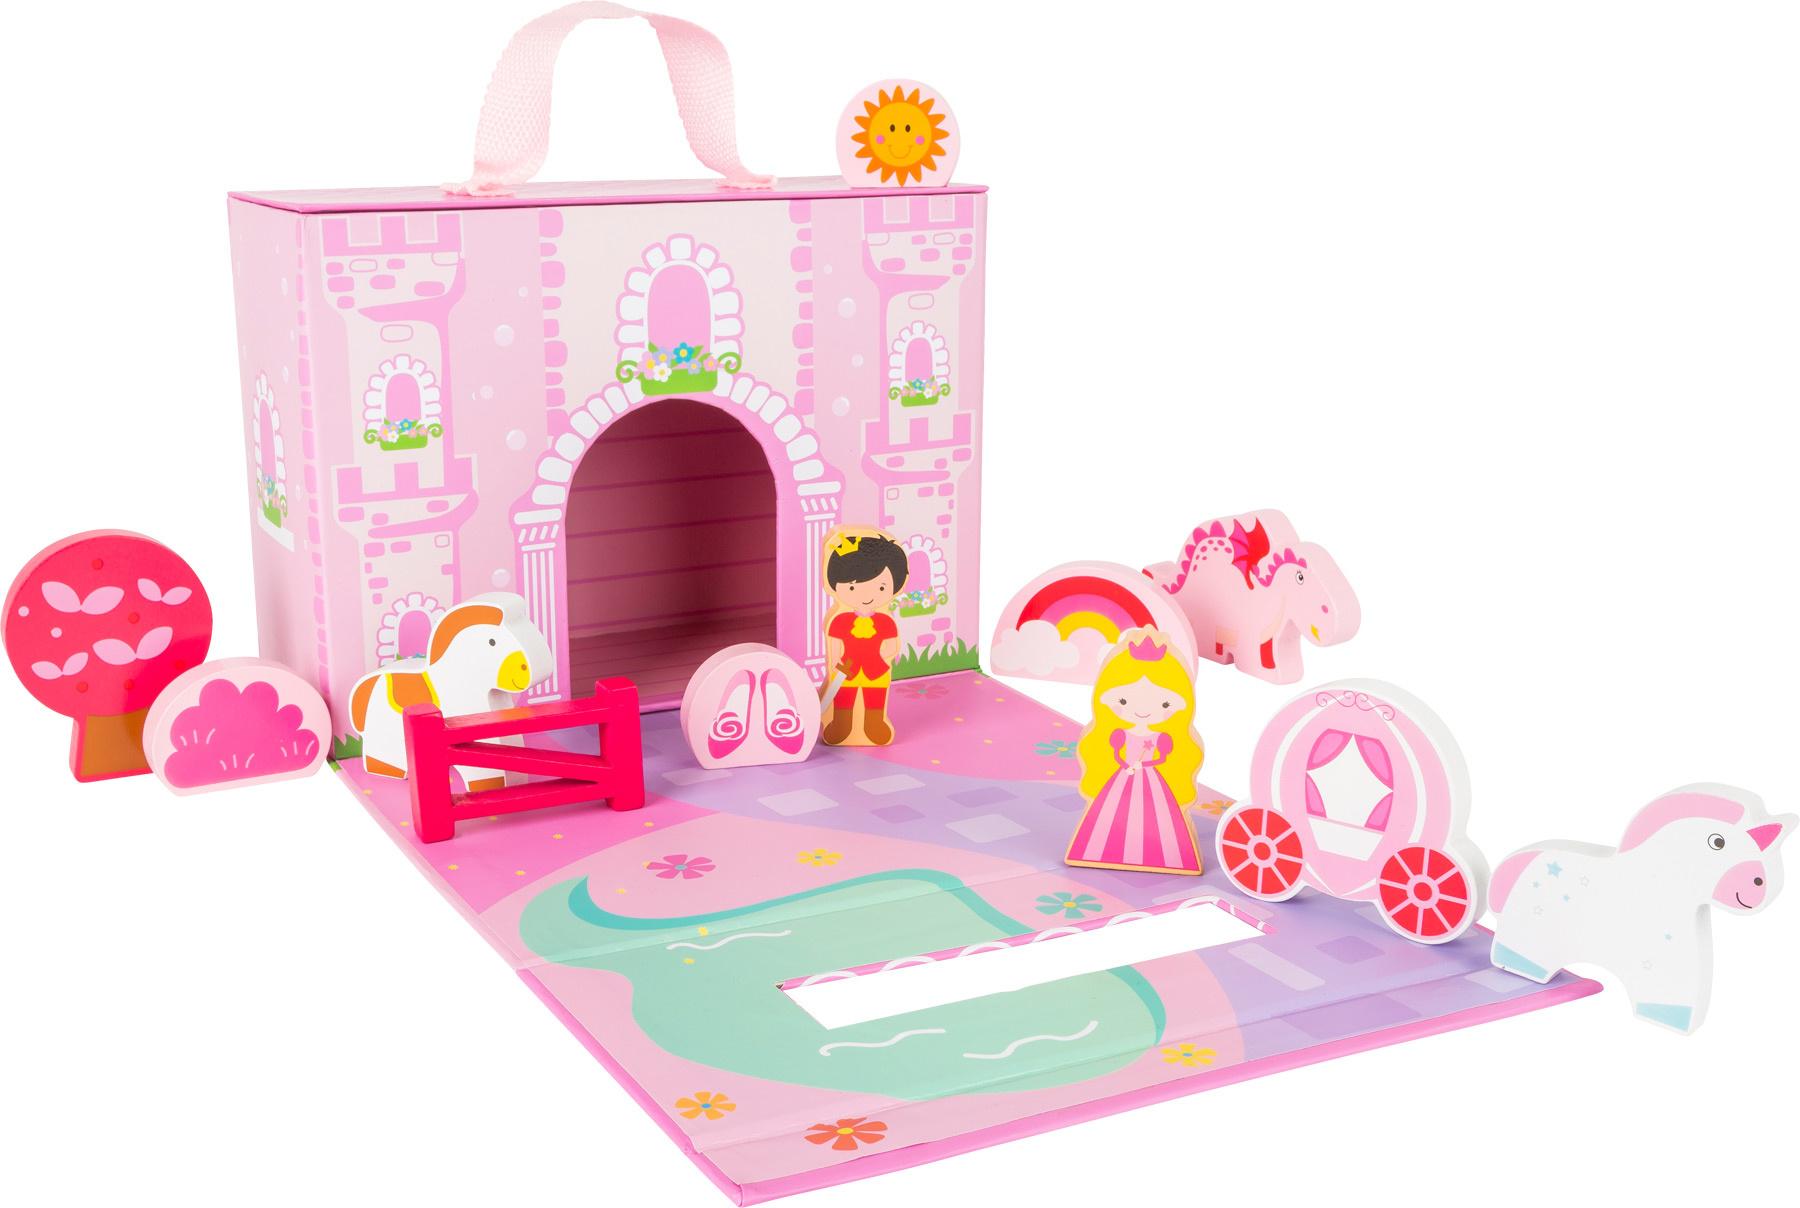 Meeneem prinsessenkoffer